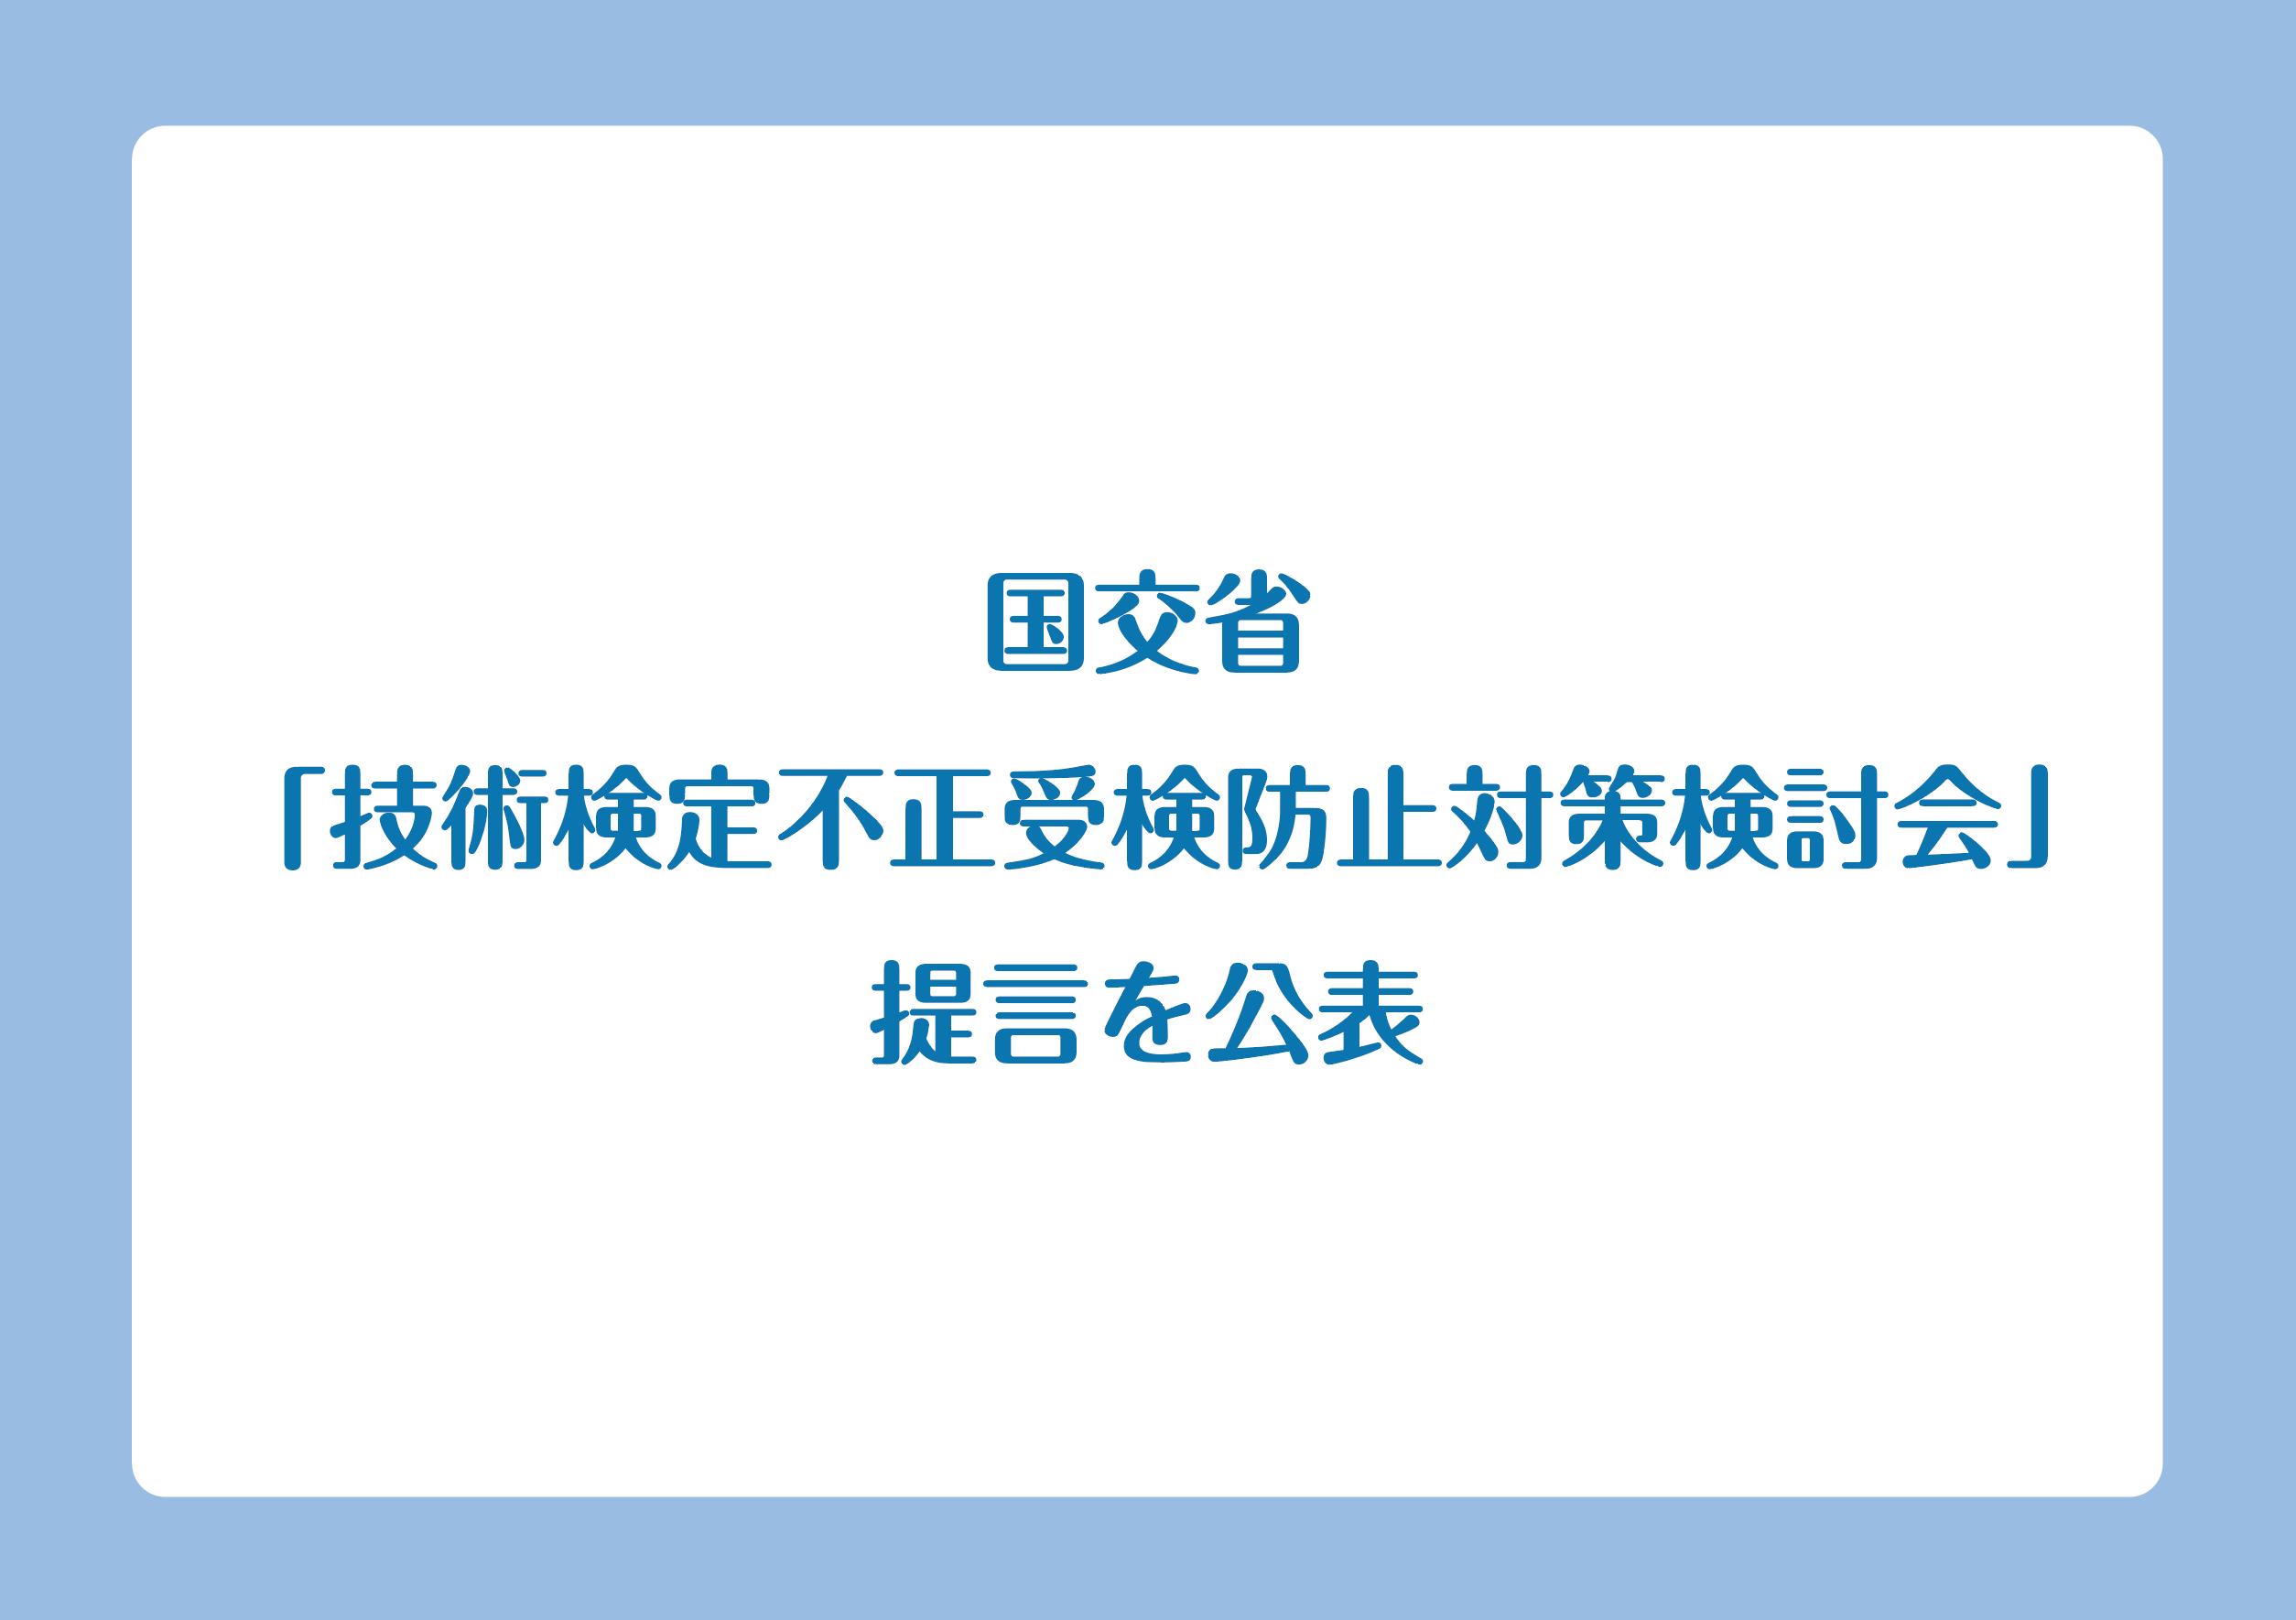 国交省 「技術検定不正受検防止対策検討会」提言を公表の画像